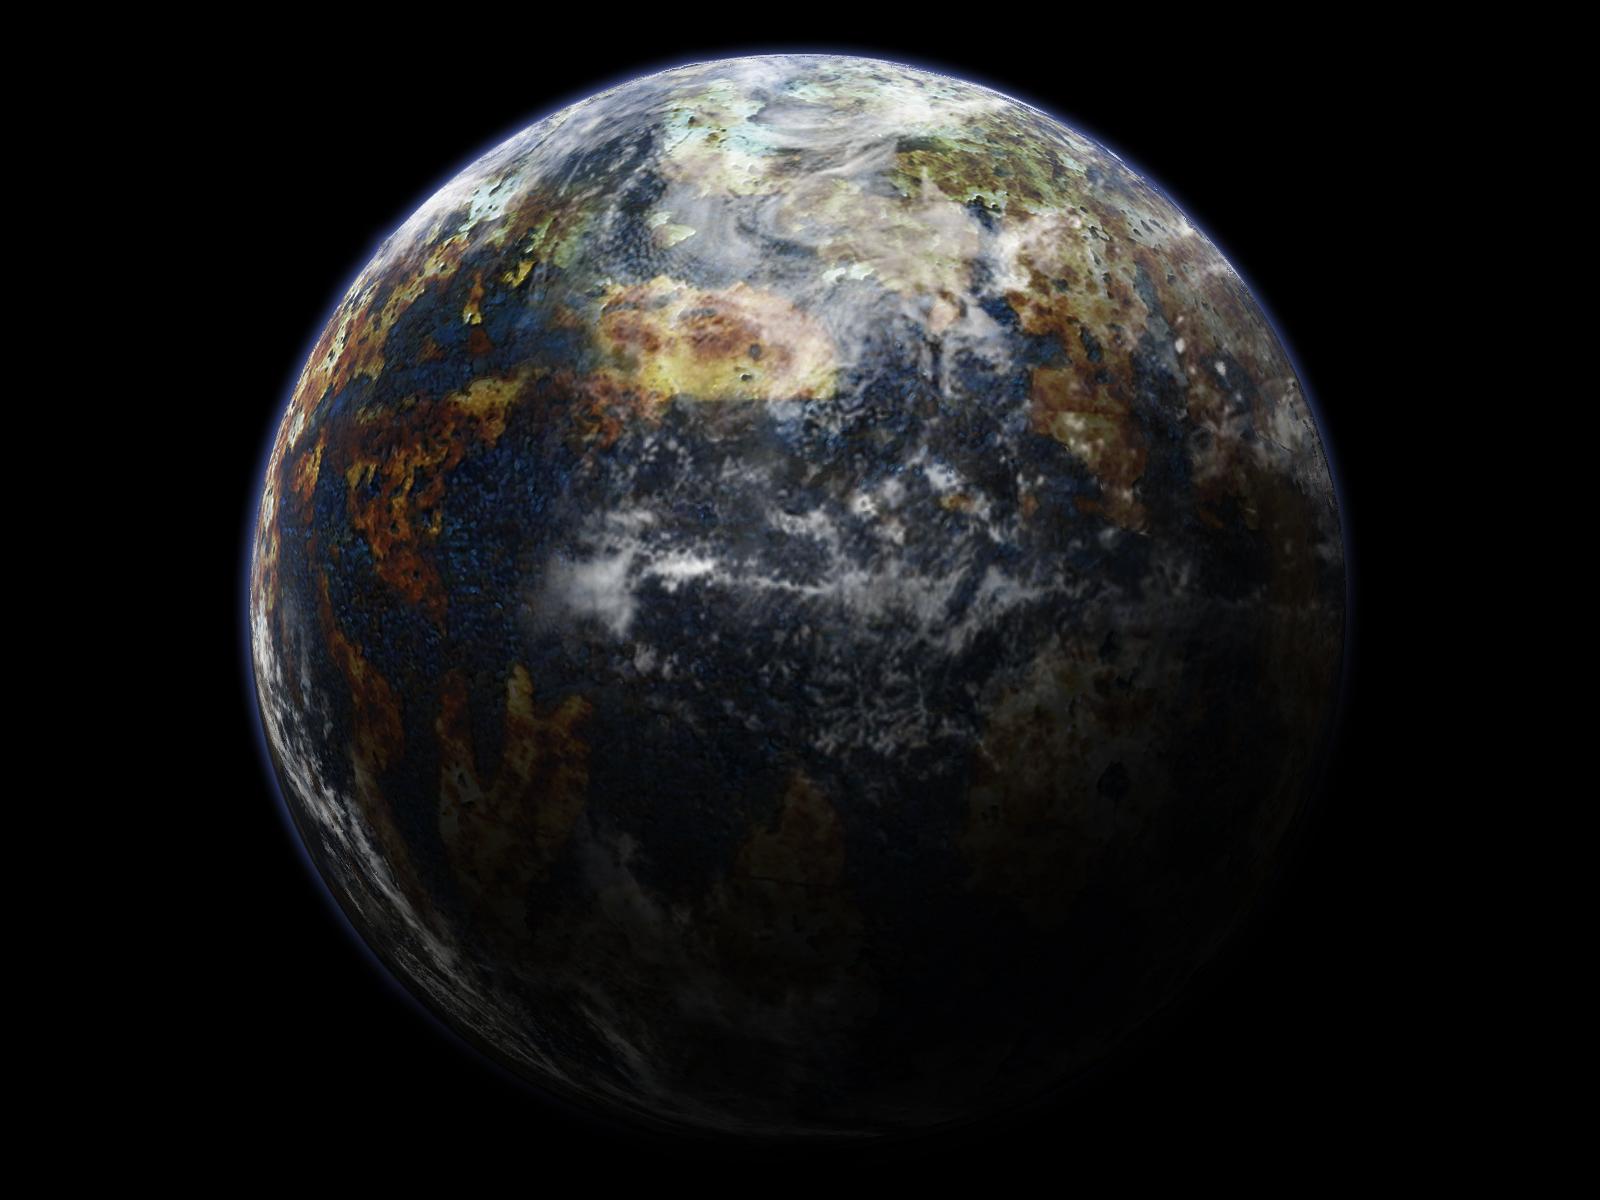 Desert Earth Planet 2.0